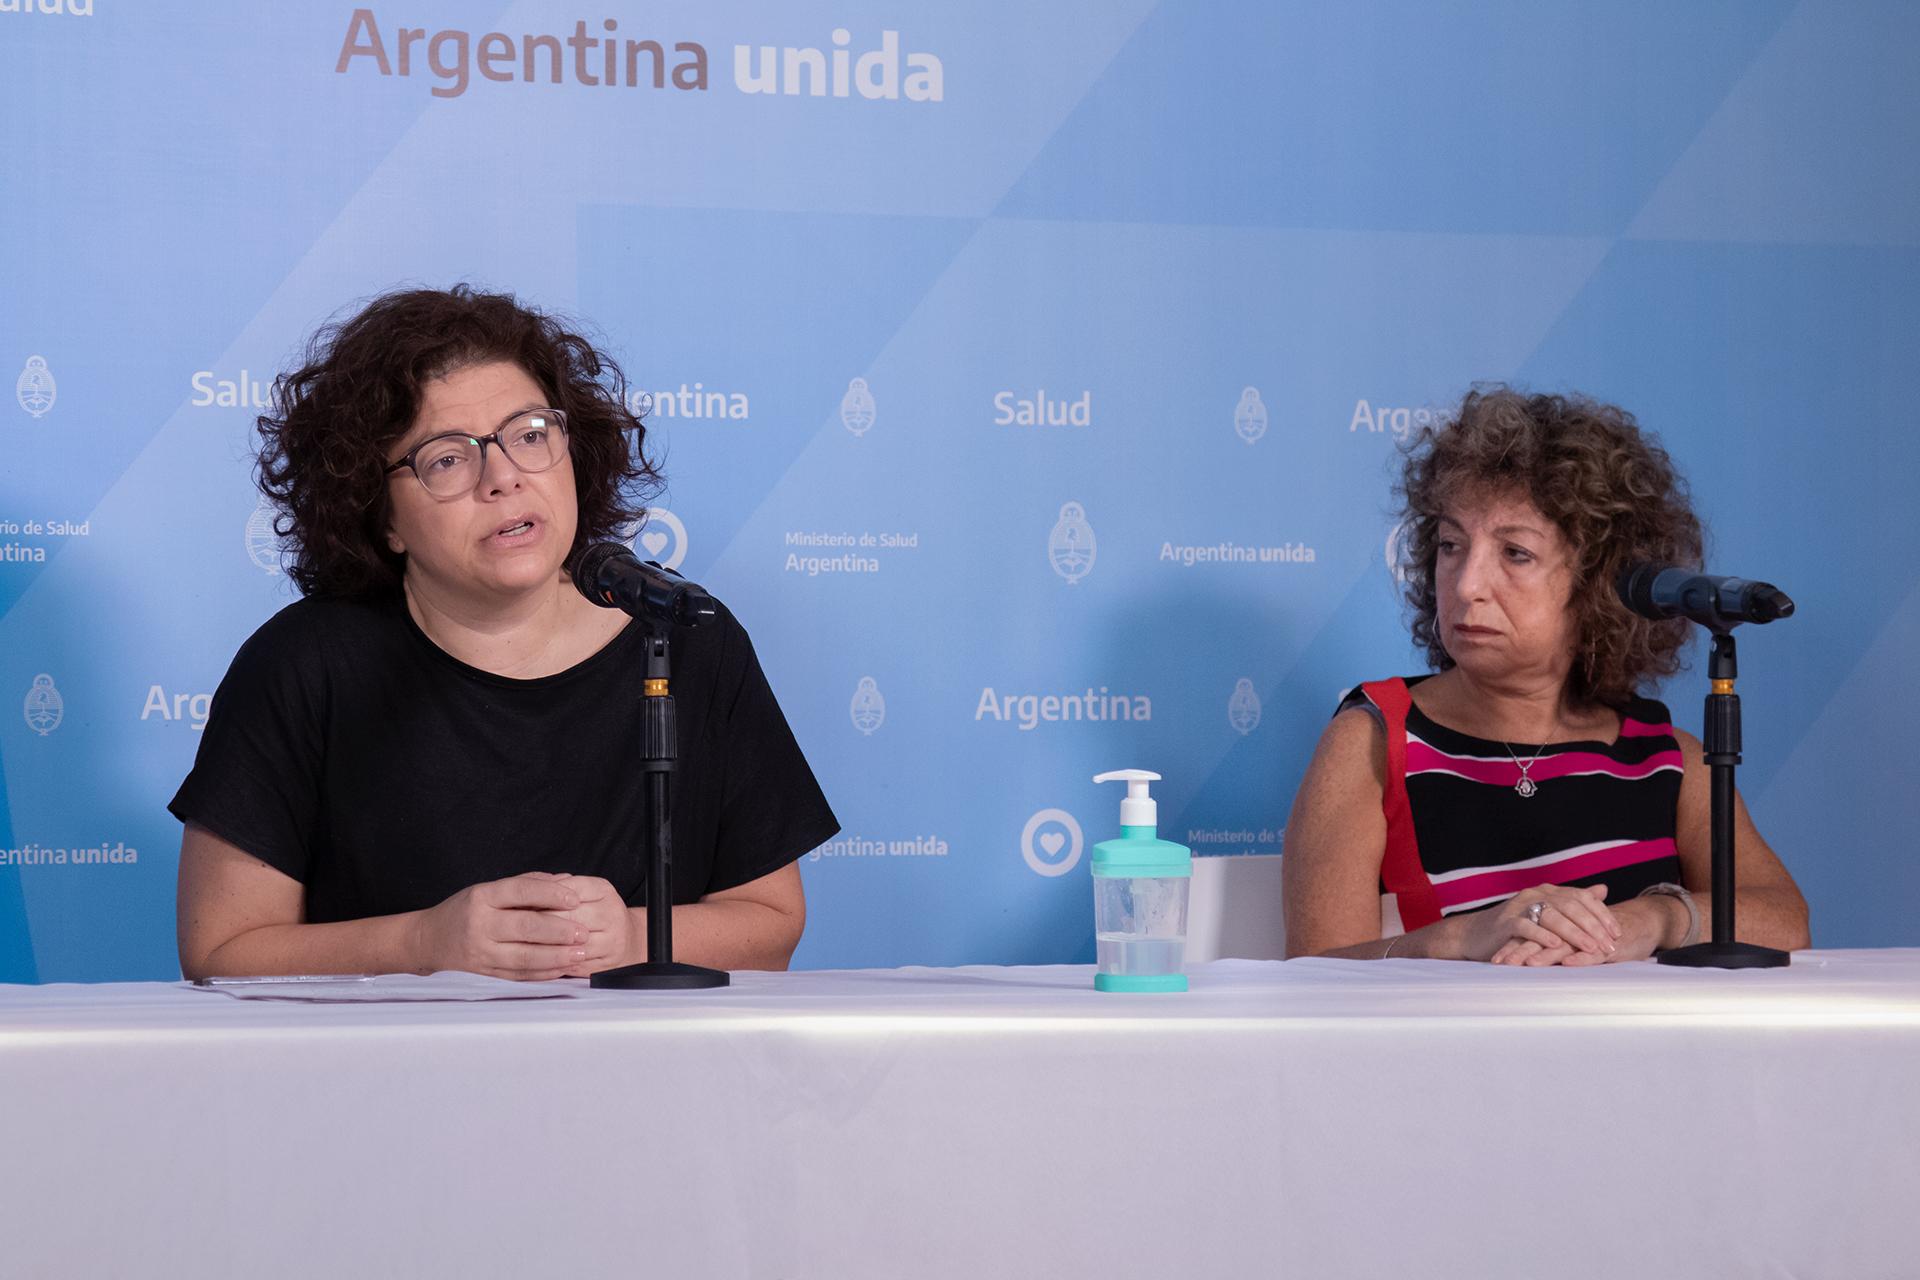 ¡Una buena! Coronavirus: Argentina ya dio de alta a 228 personas